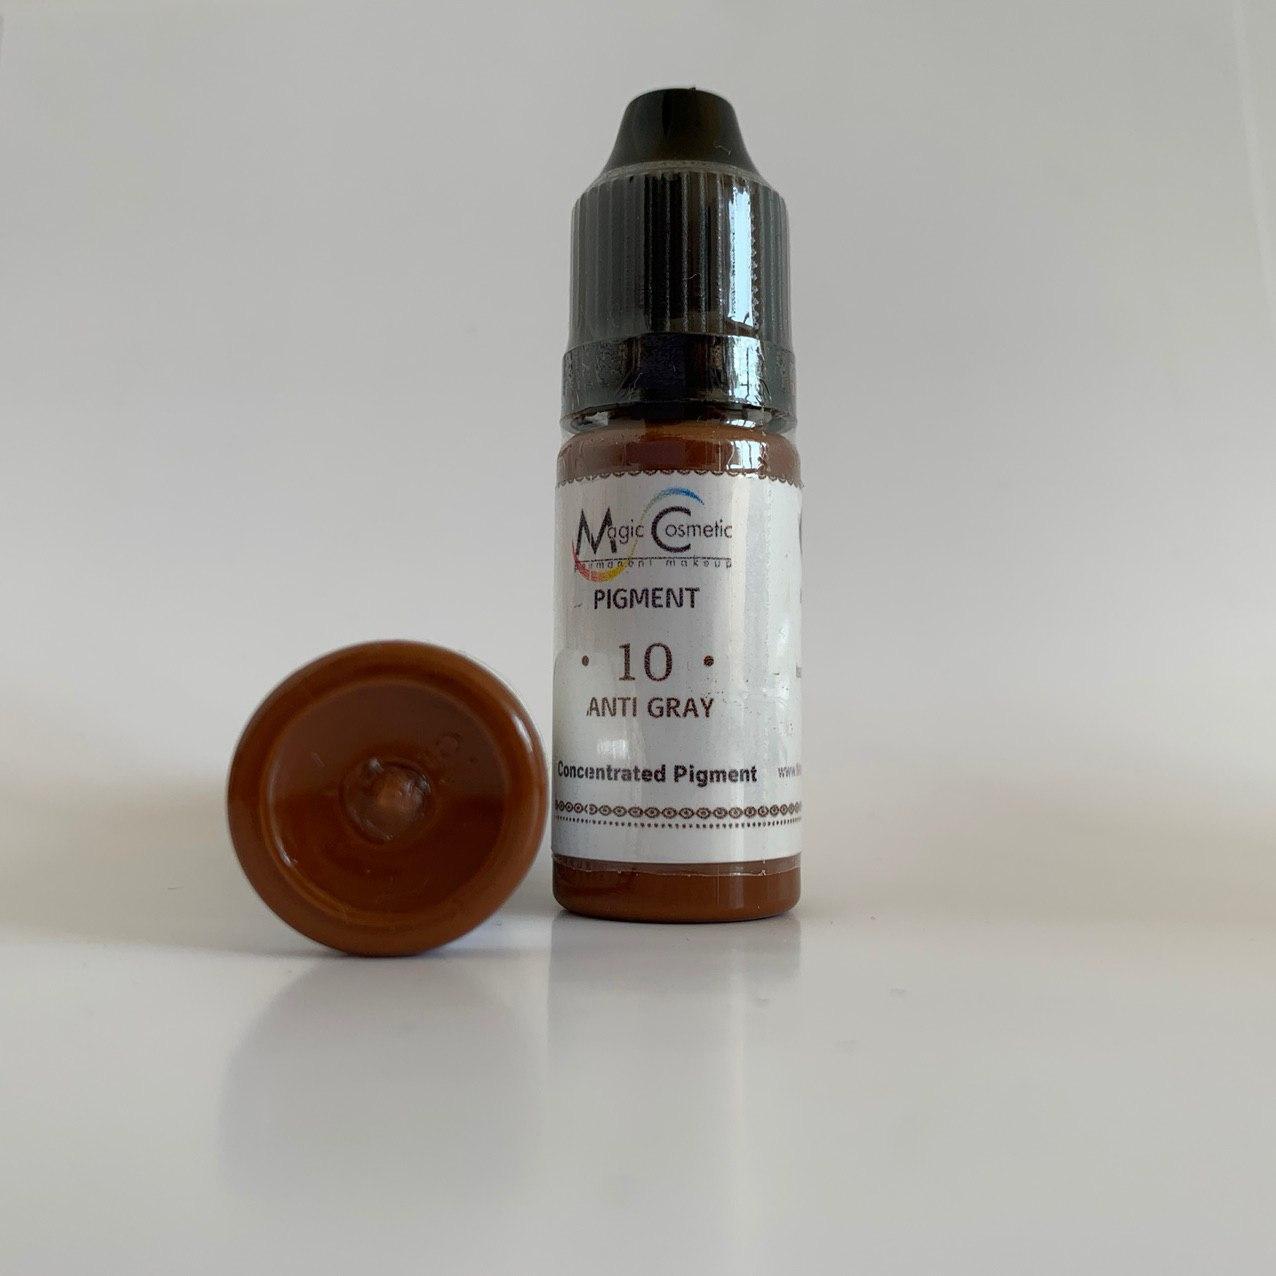 Magic Cosmetic Anti Grey #10